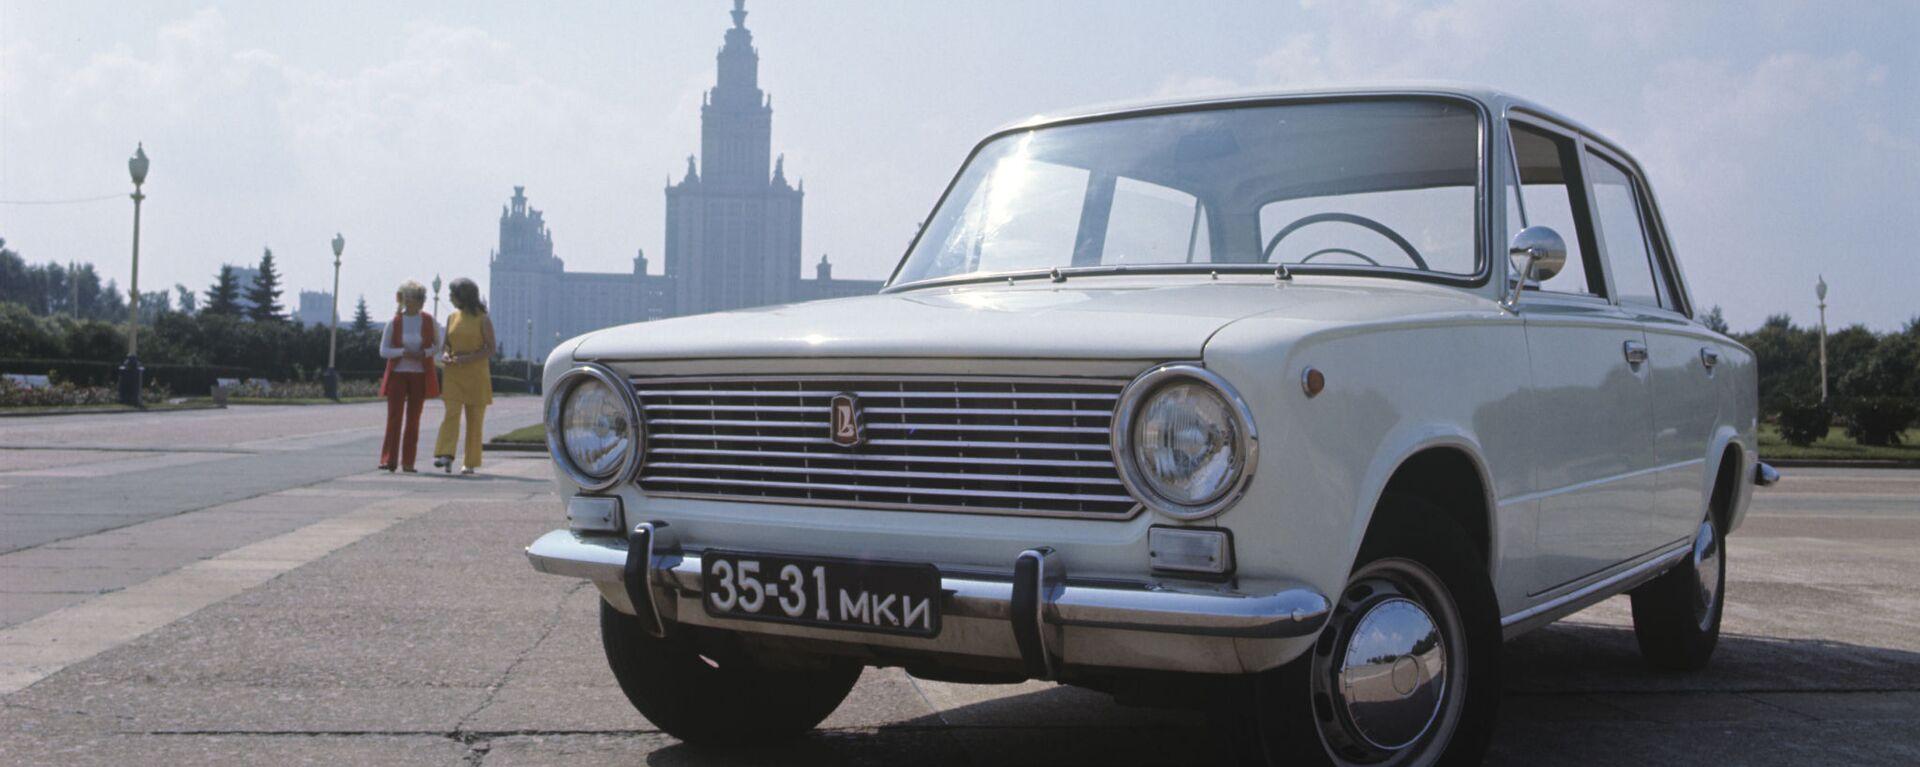 Советский легковой автомобиль ВАЗ 2101 - Sputnik Mundo, 1920, 20.07.2021